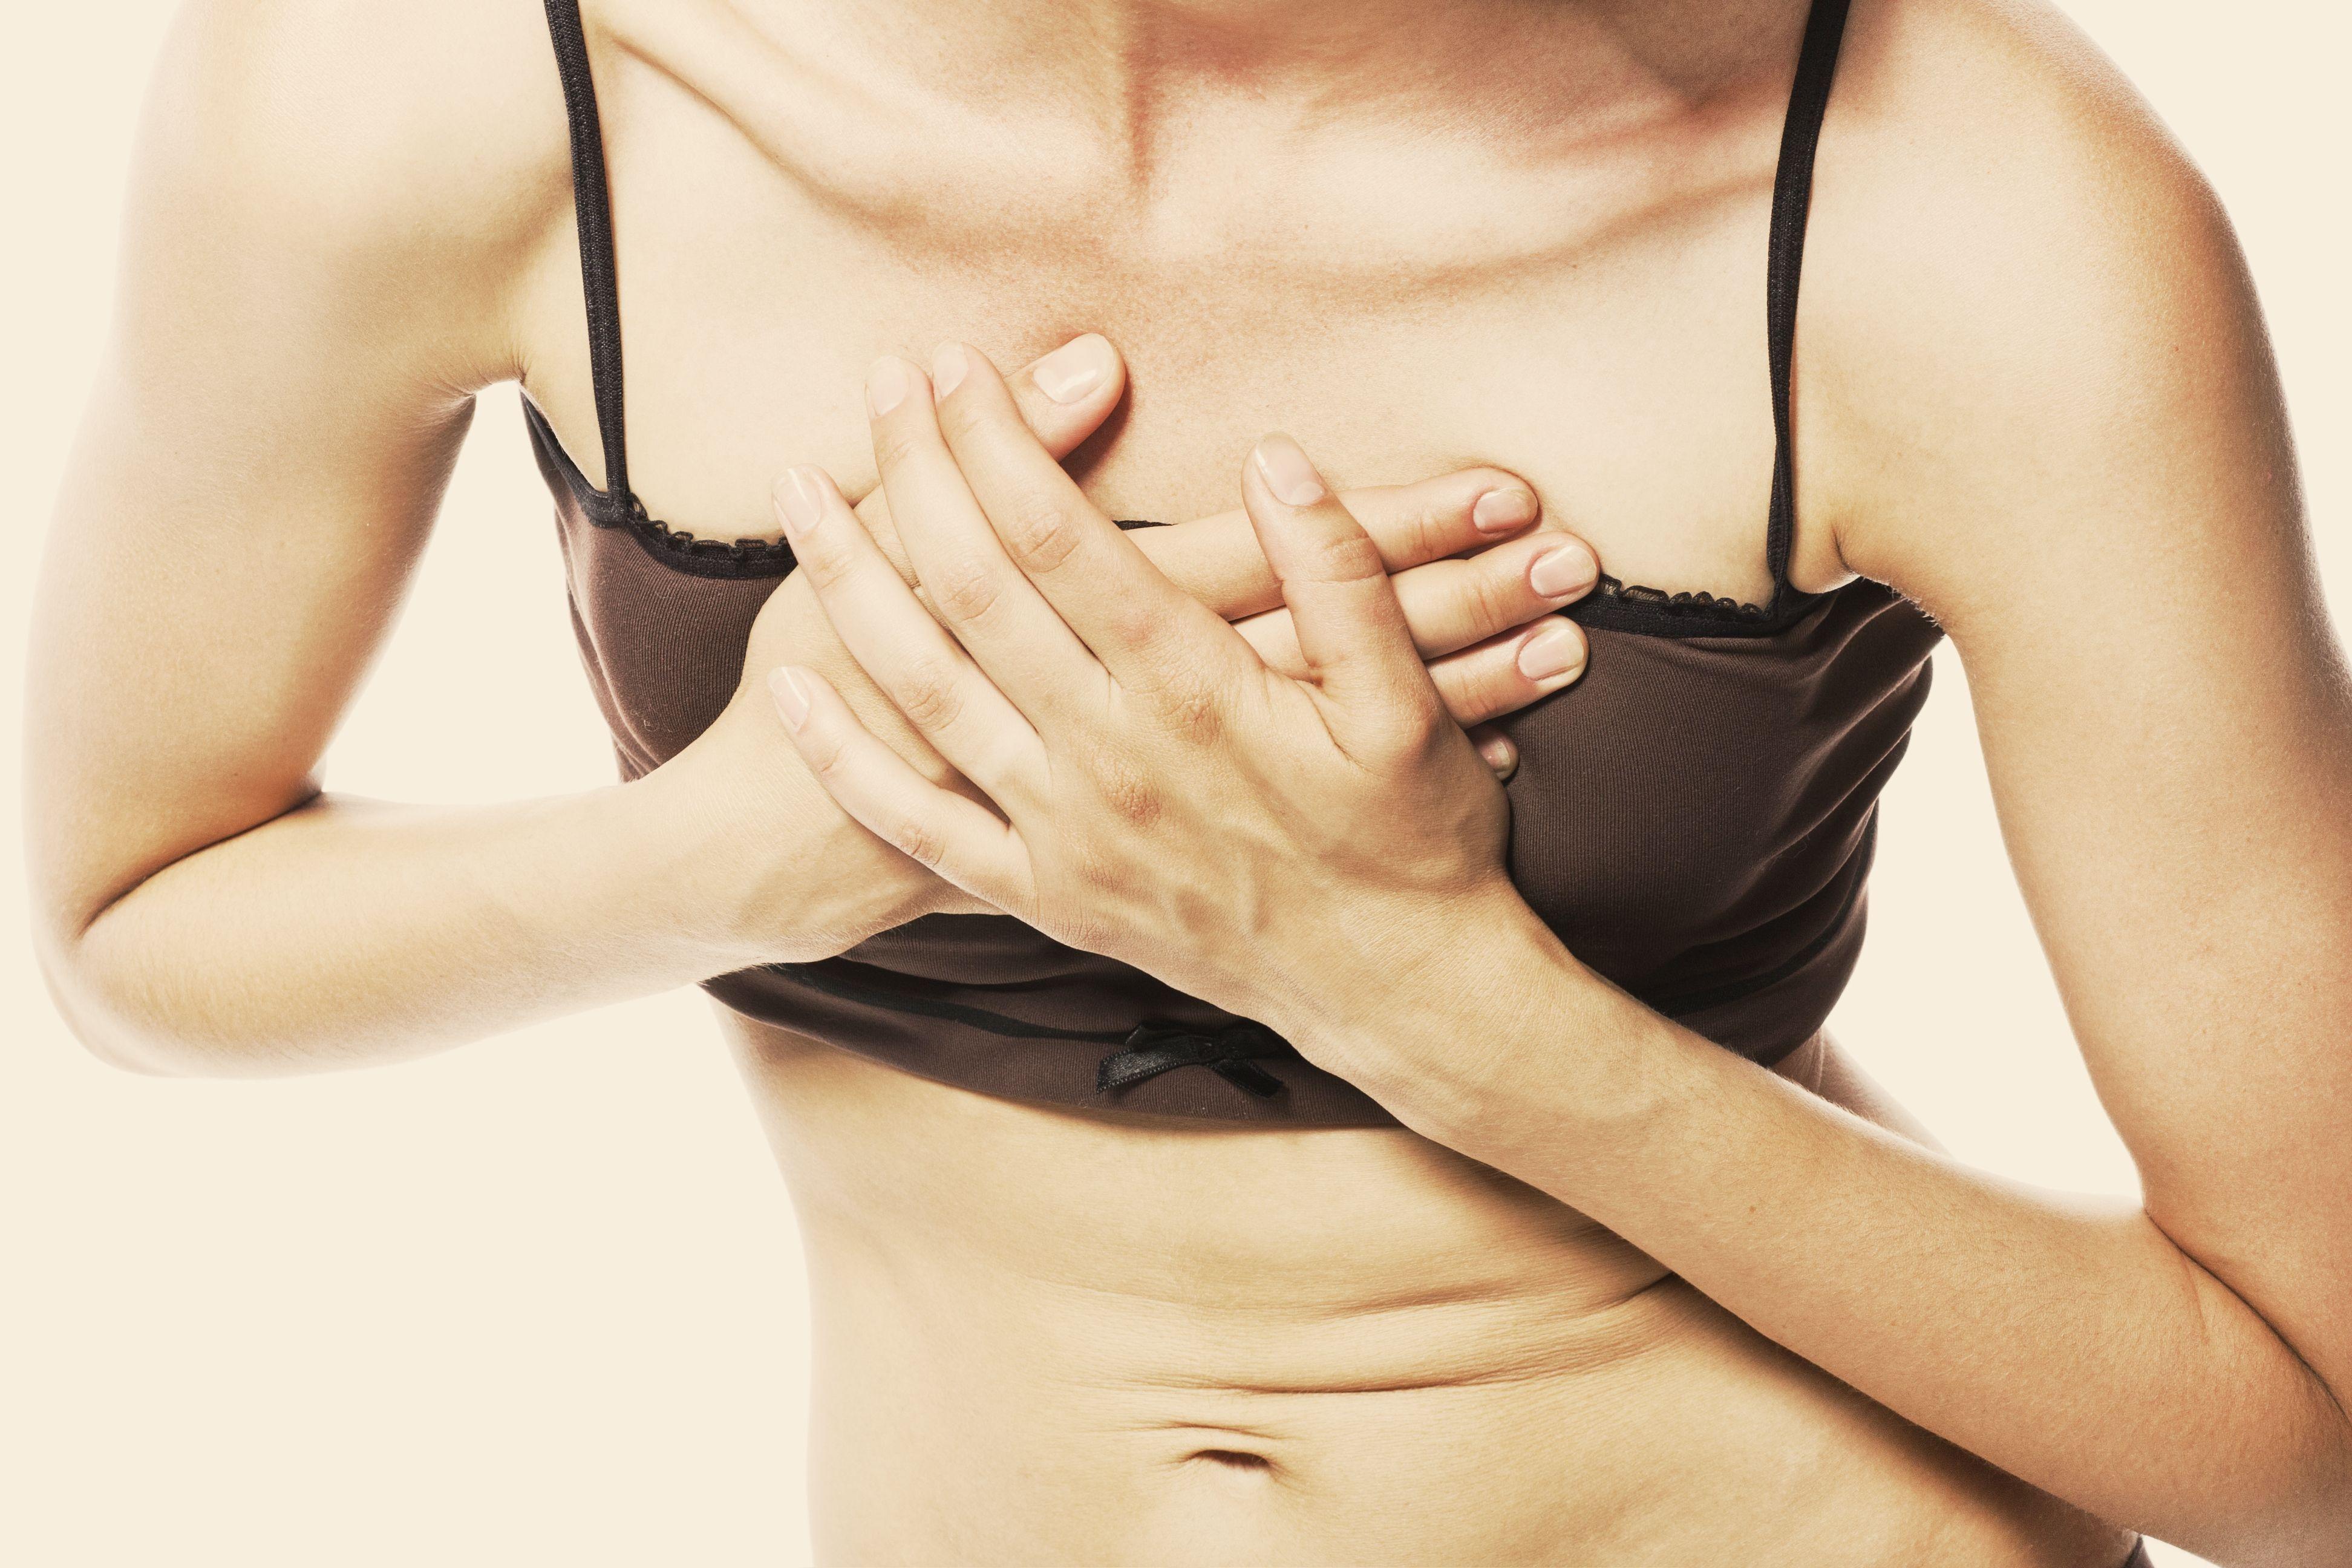 Лечения мастопатии народными средствами